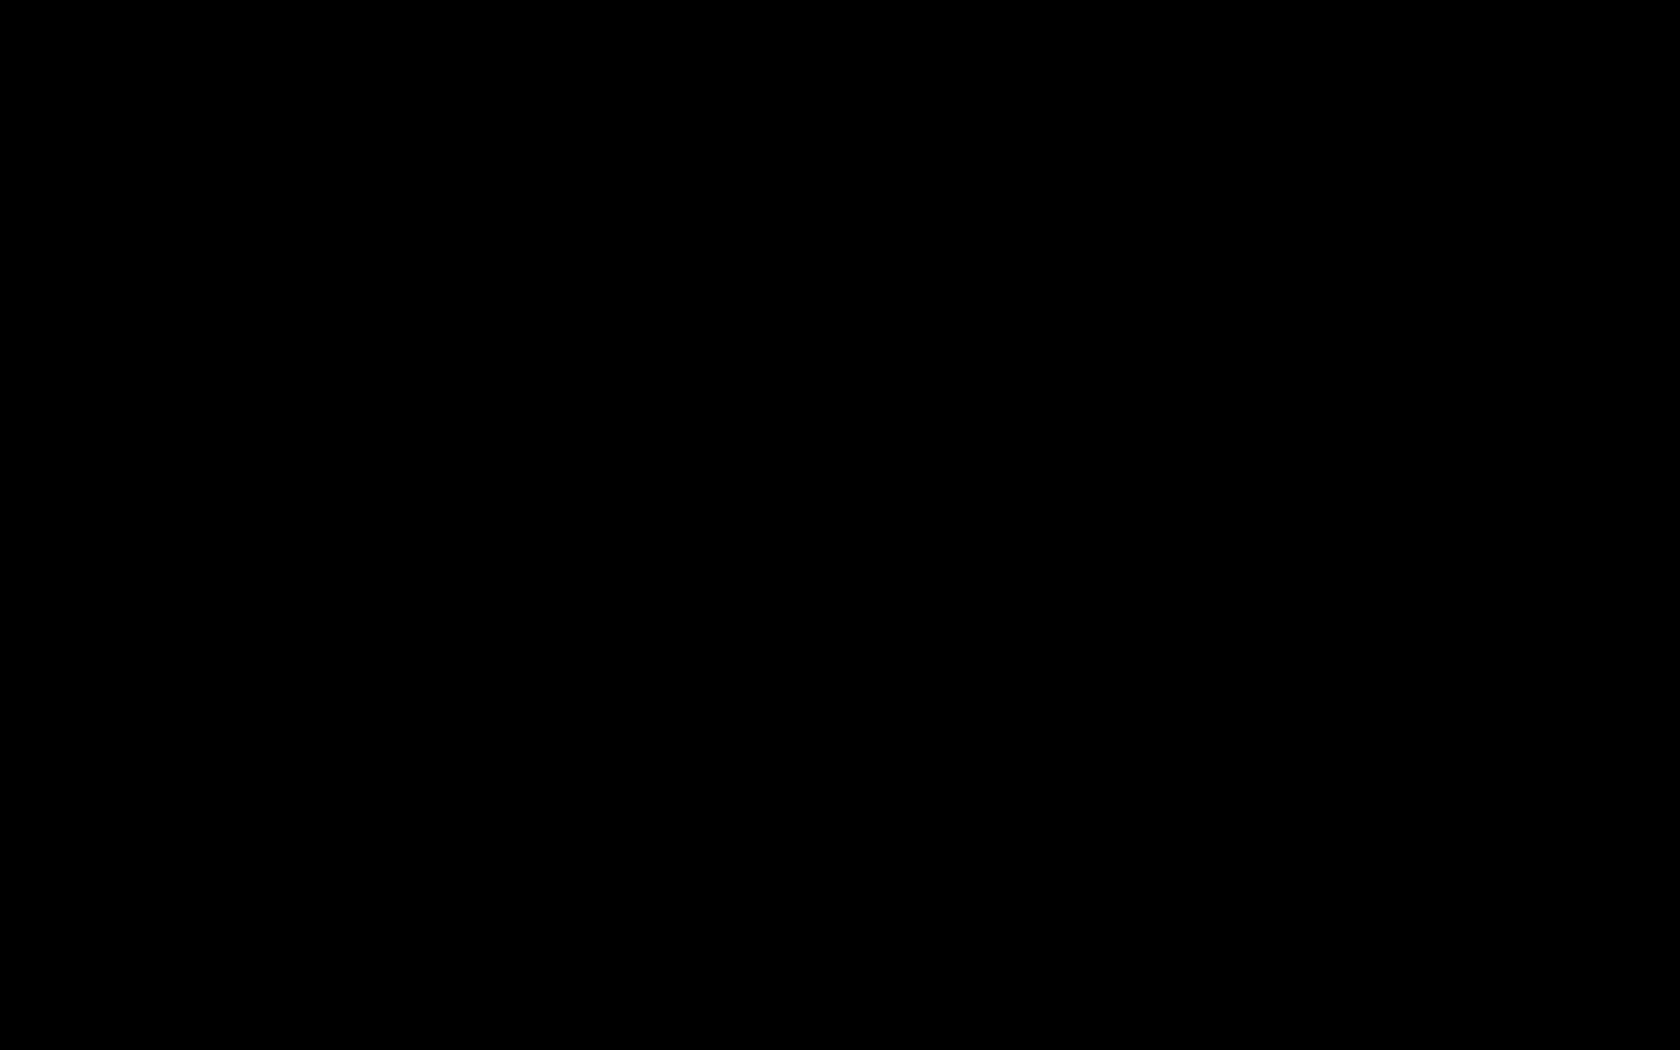 minecraft silhouette - Google zoeken | mine craft | Pinterest ...